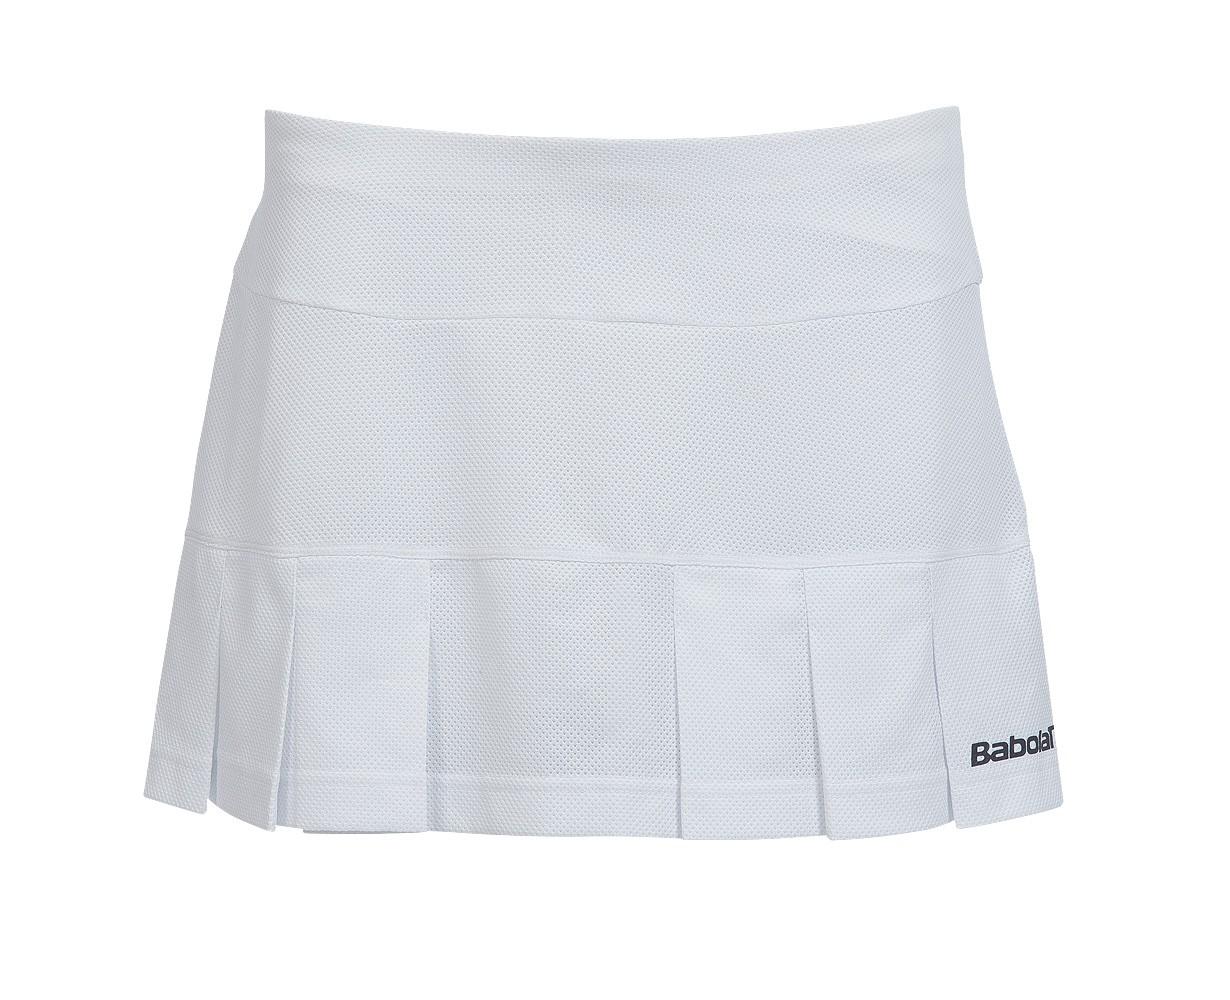 Spódniczka tenisowa dziewczęca Babolat Babolat Match Performance Skort White